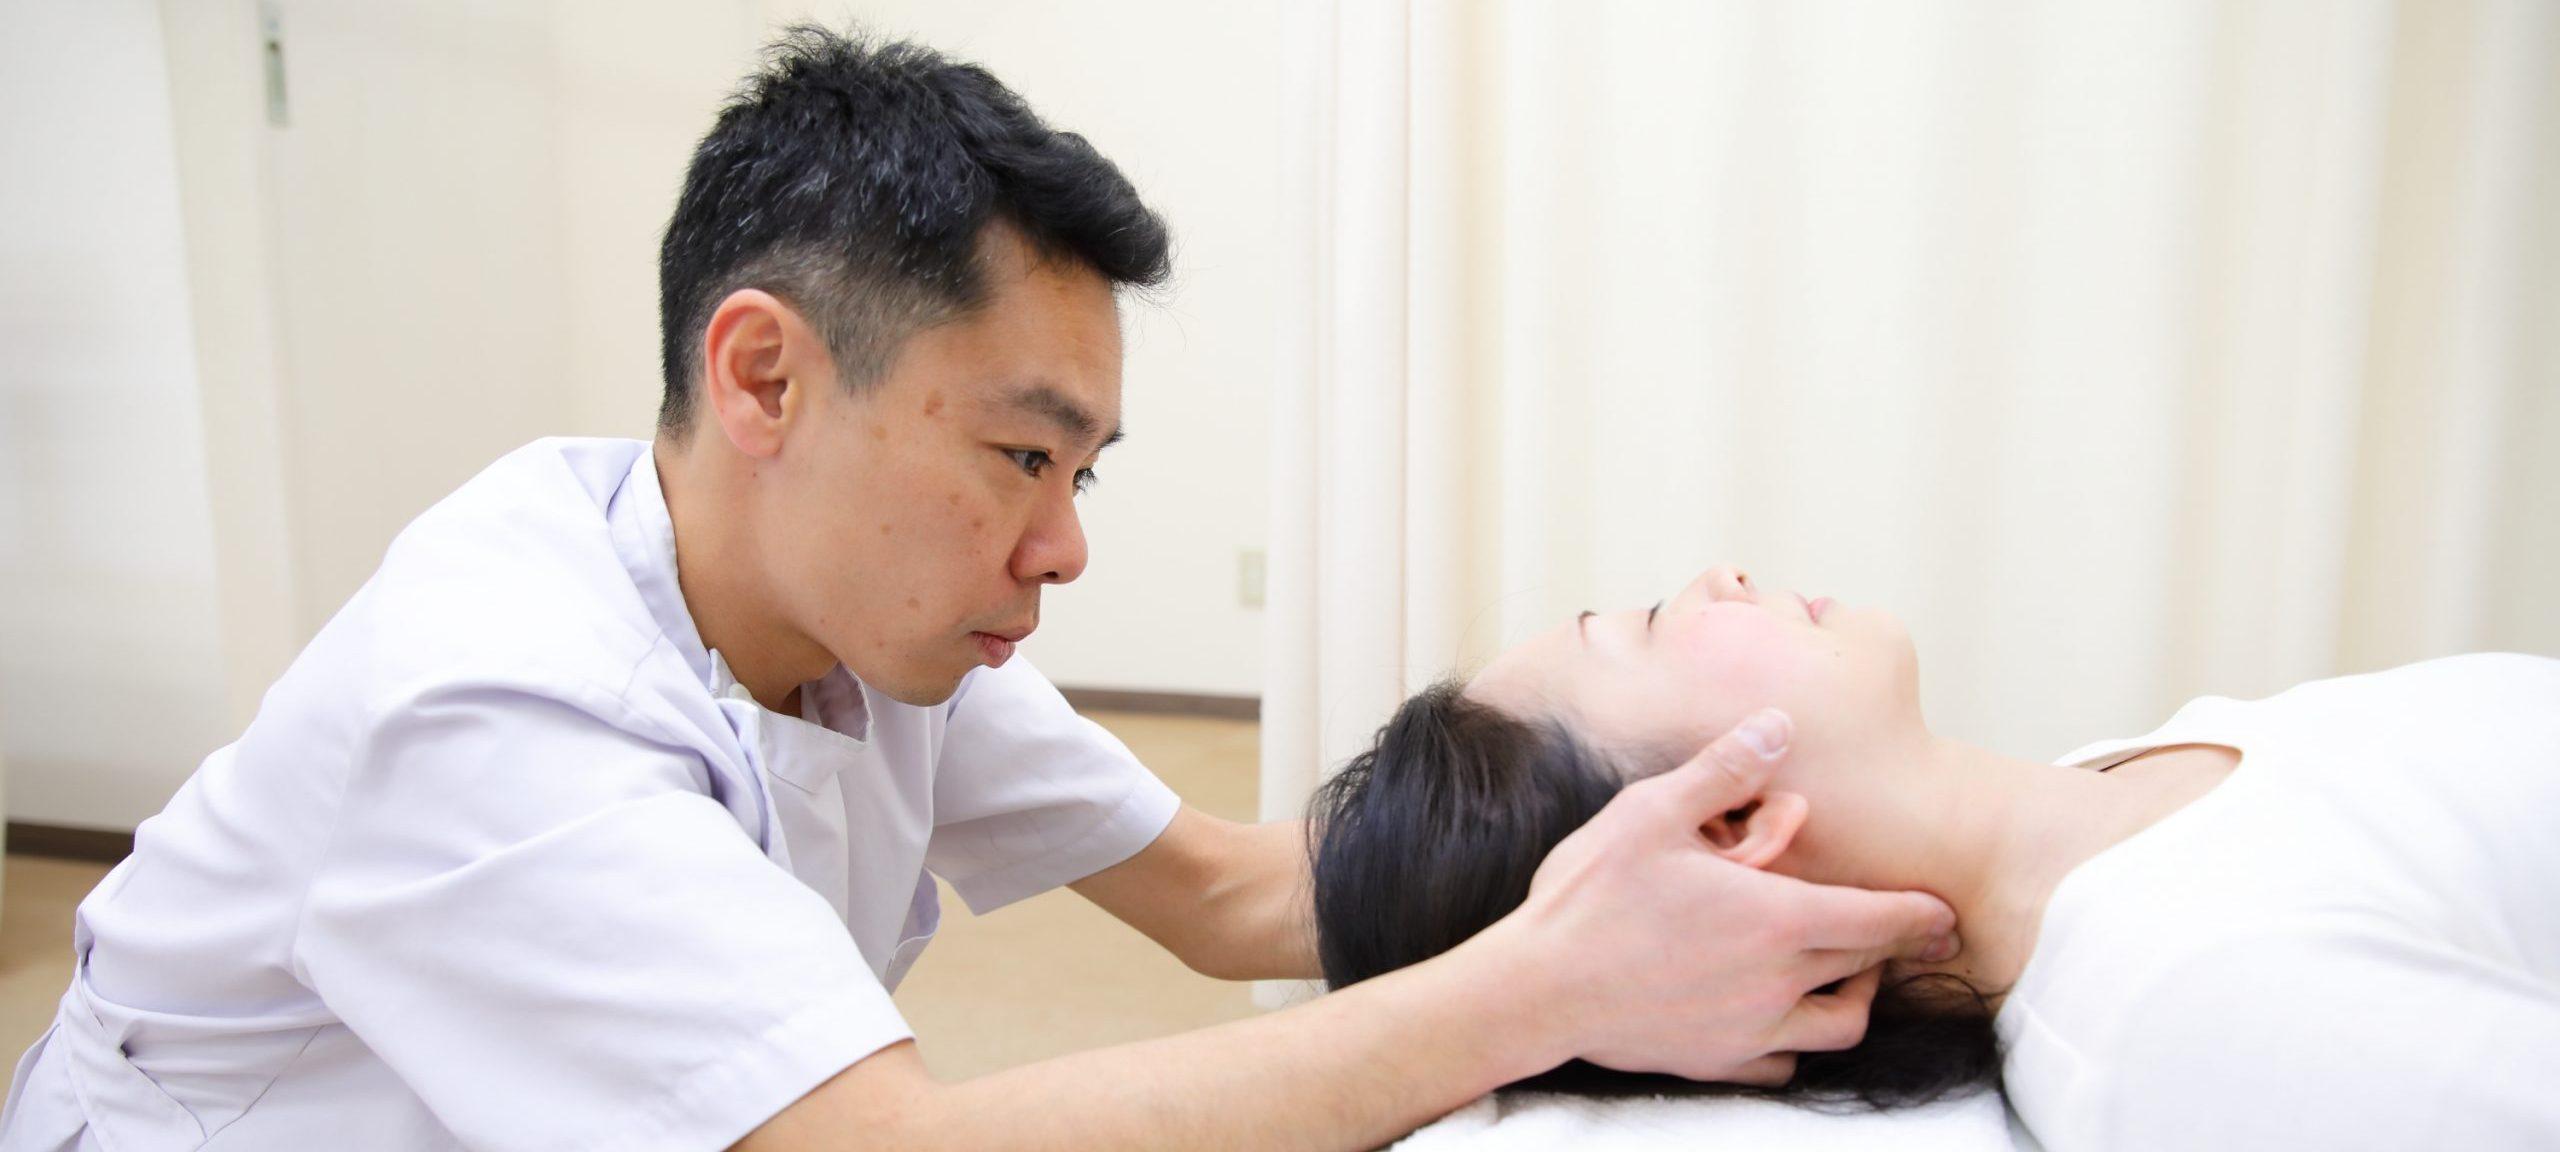 首(頸椎)の矯正|戸田市のまつなが接骨院